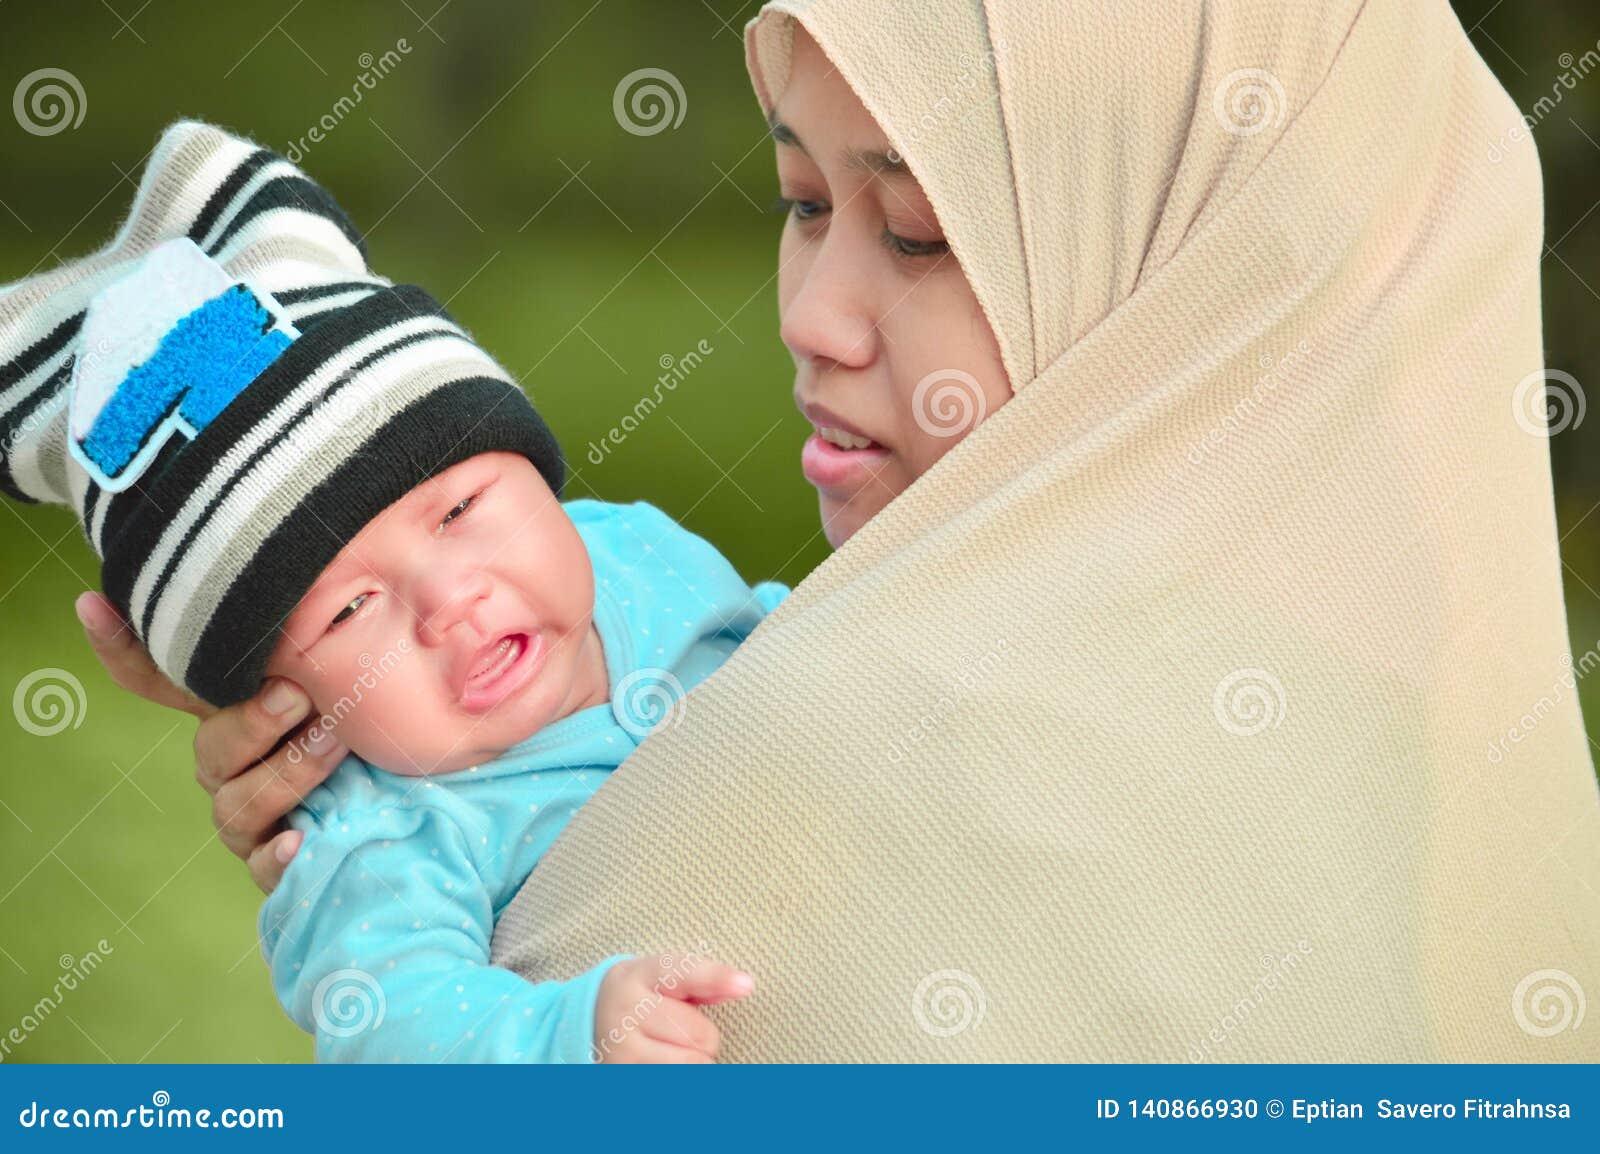 Μουσουλμανική μητέρα hijabi που ηρεμεί το φωνάζοντας μωρό νηπίων του στο βραχίονά της στο υπαίθριο πάρκο στην ηλιόλουστη ημέρα